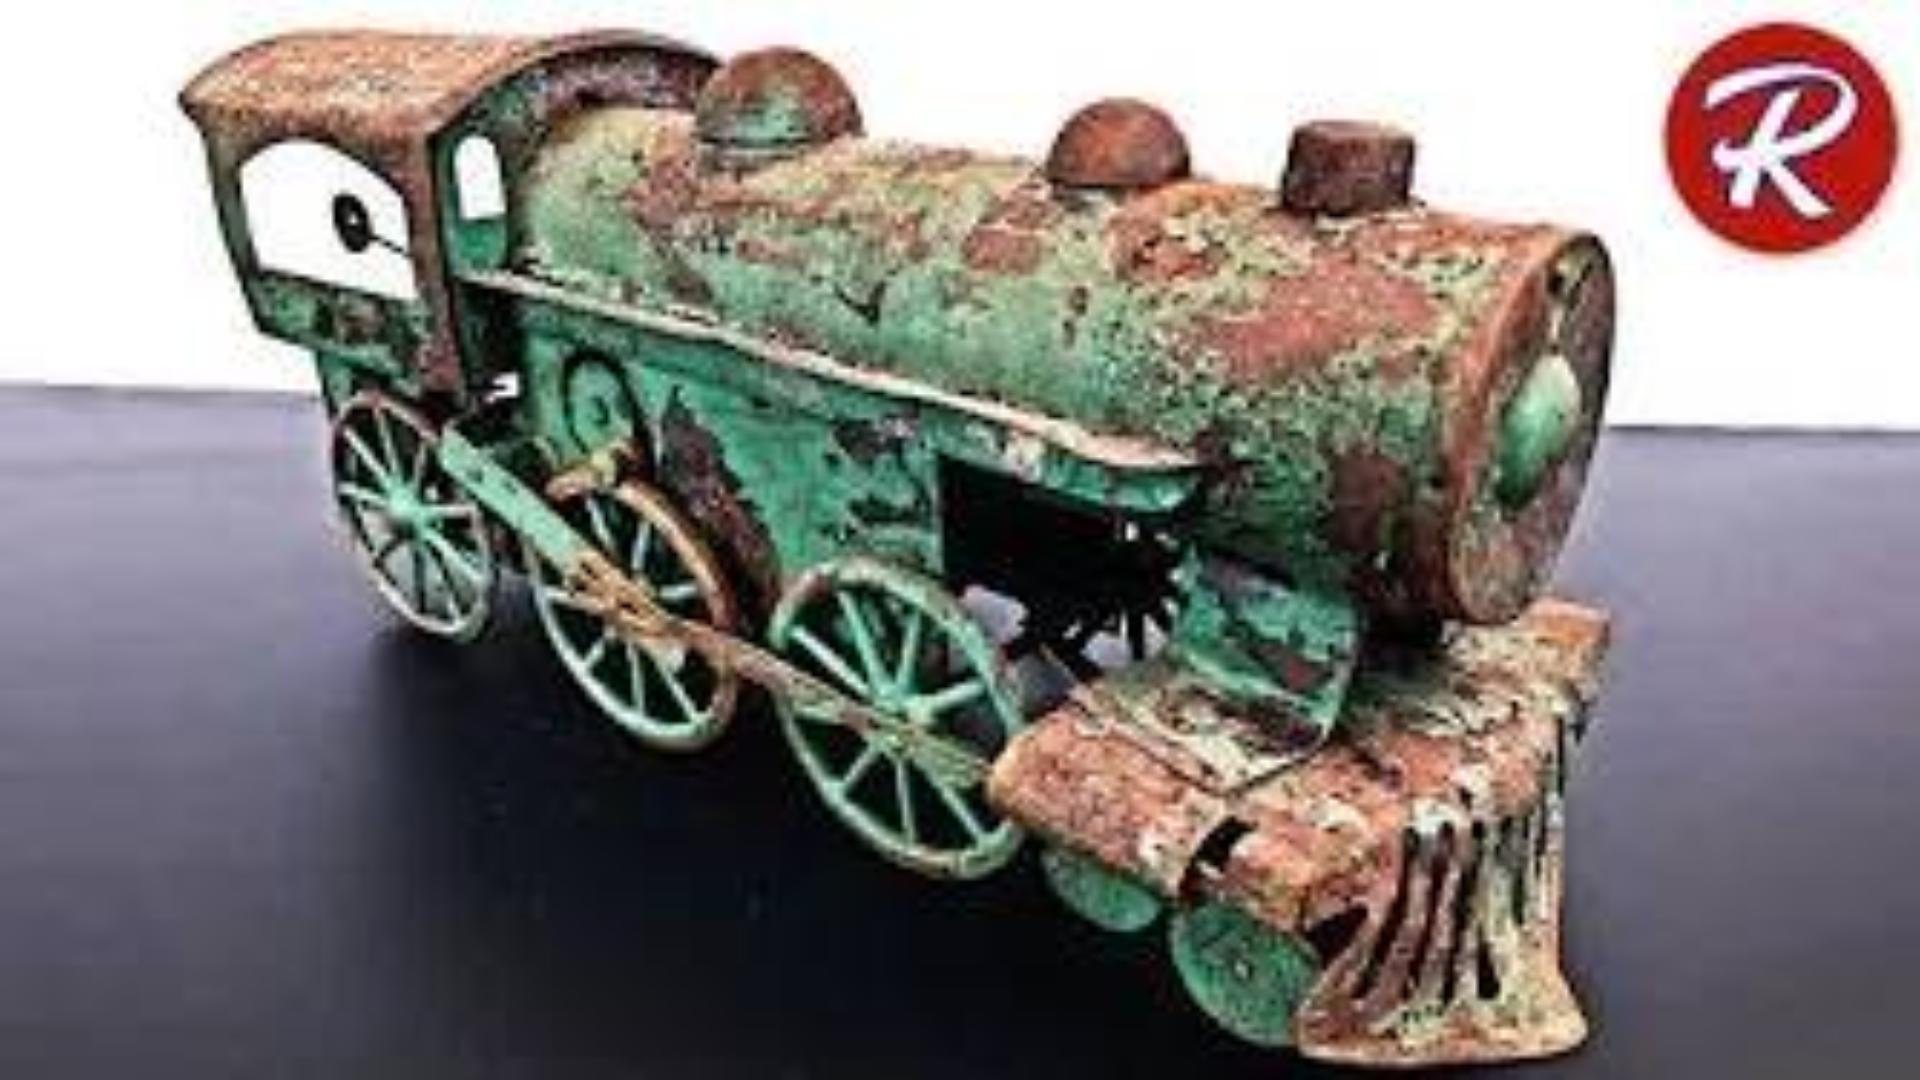 【翻新系列】翻新100年前生锈的火车玩具